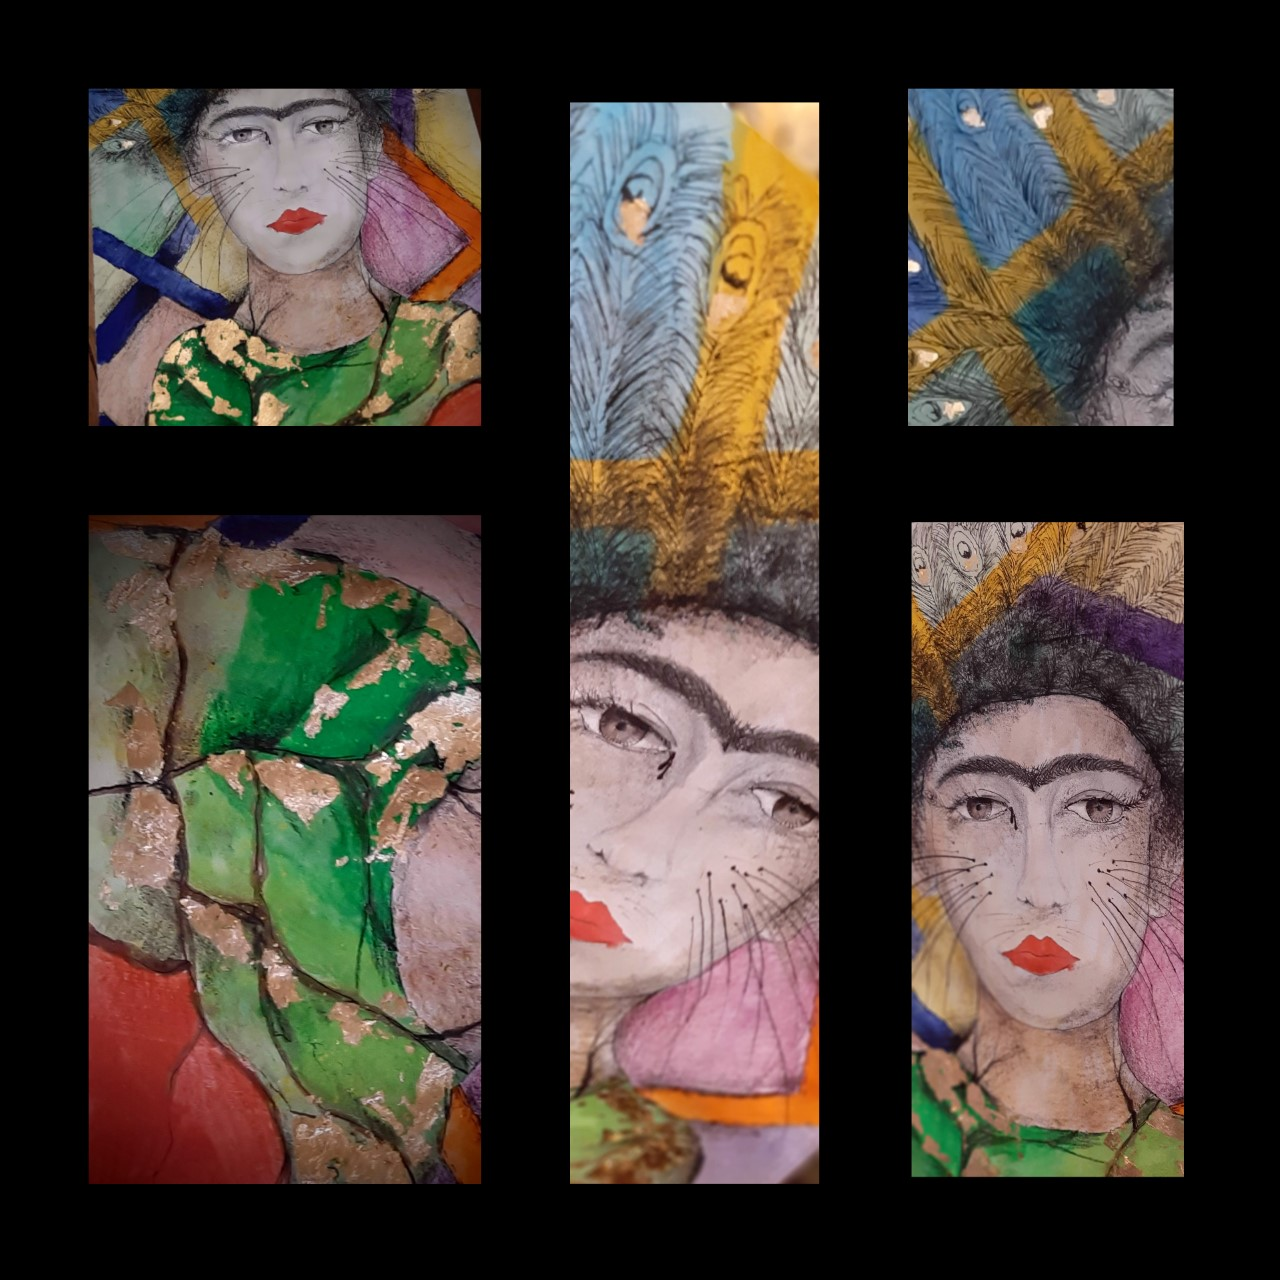 """Obraz Marka Gałeckiego na konkurs """"Spojrzenie własnym okiem, okiem artysty Fridy Kahlo"""""""